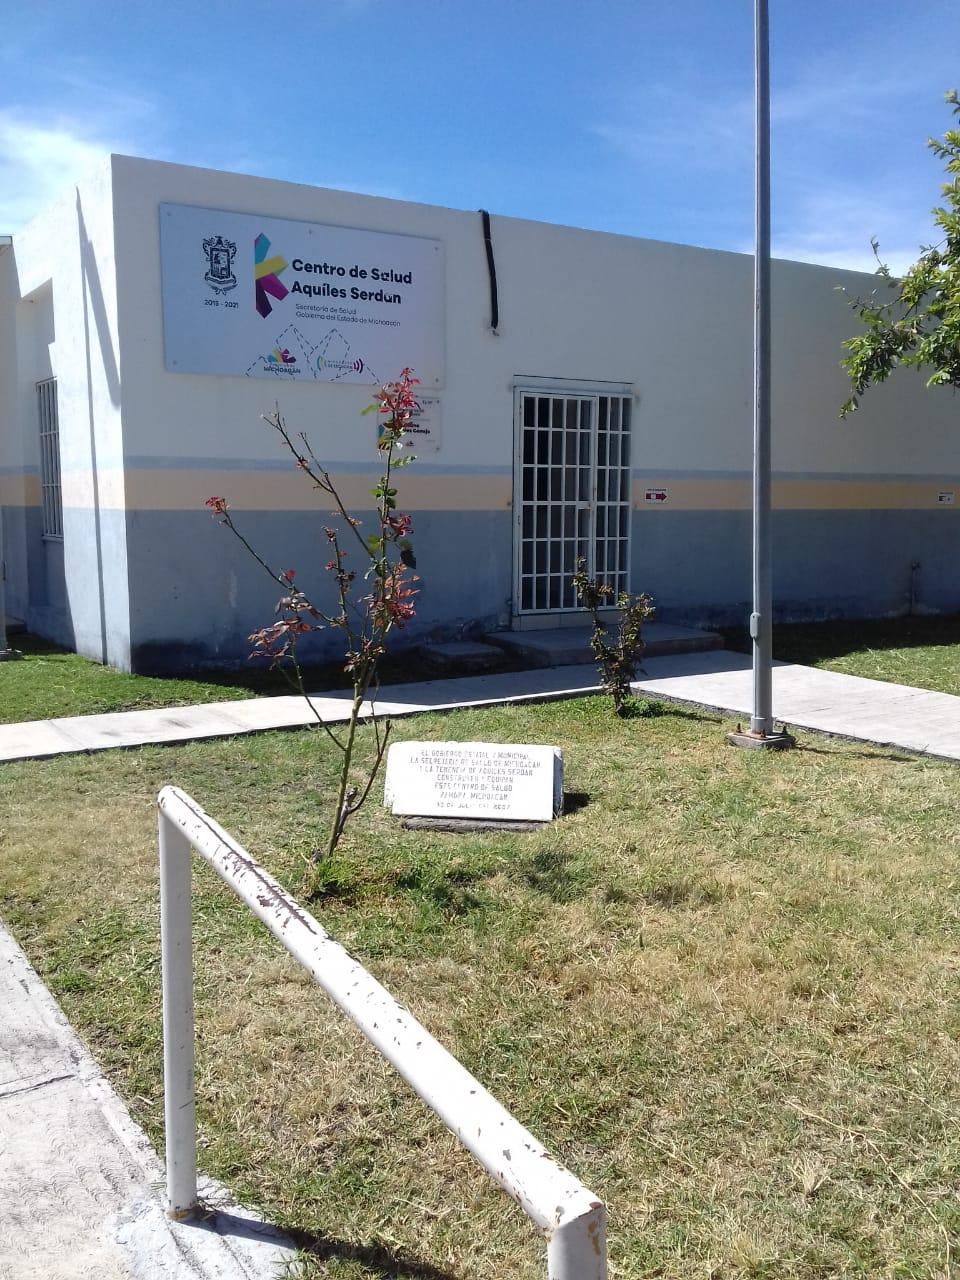 Urge reanudar servicio en Centro de Salud Aquiles Serdán